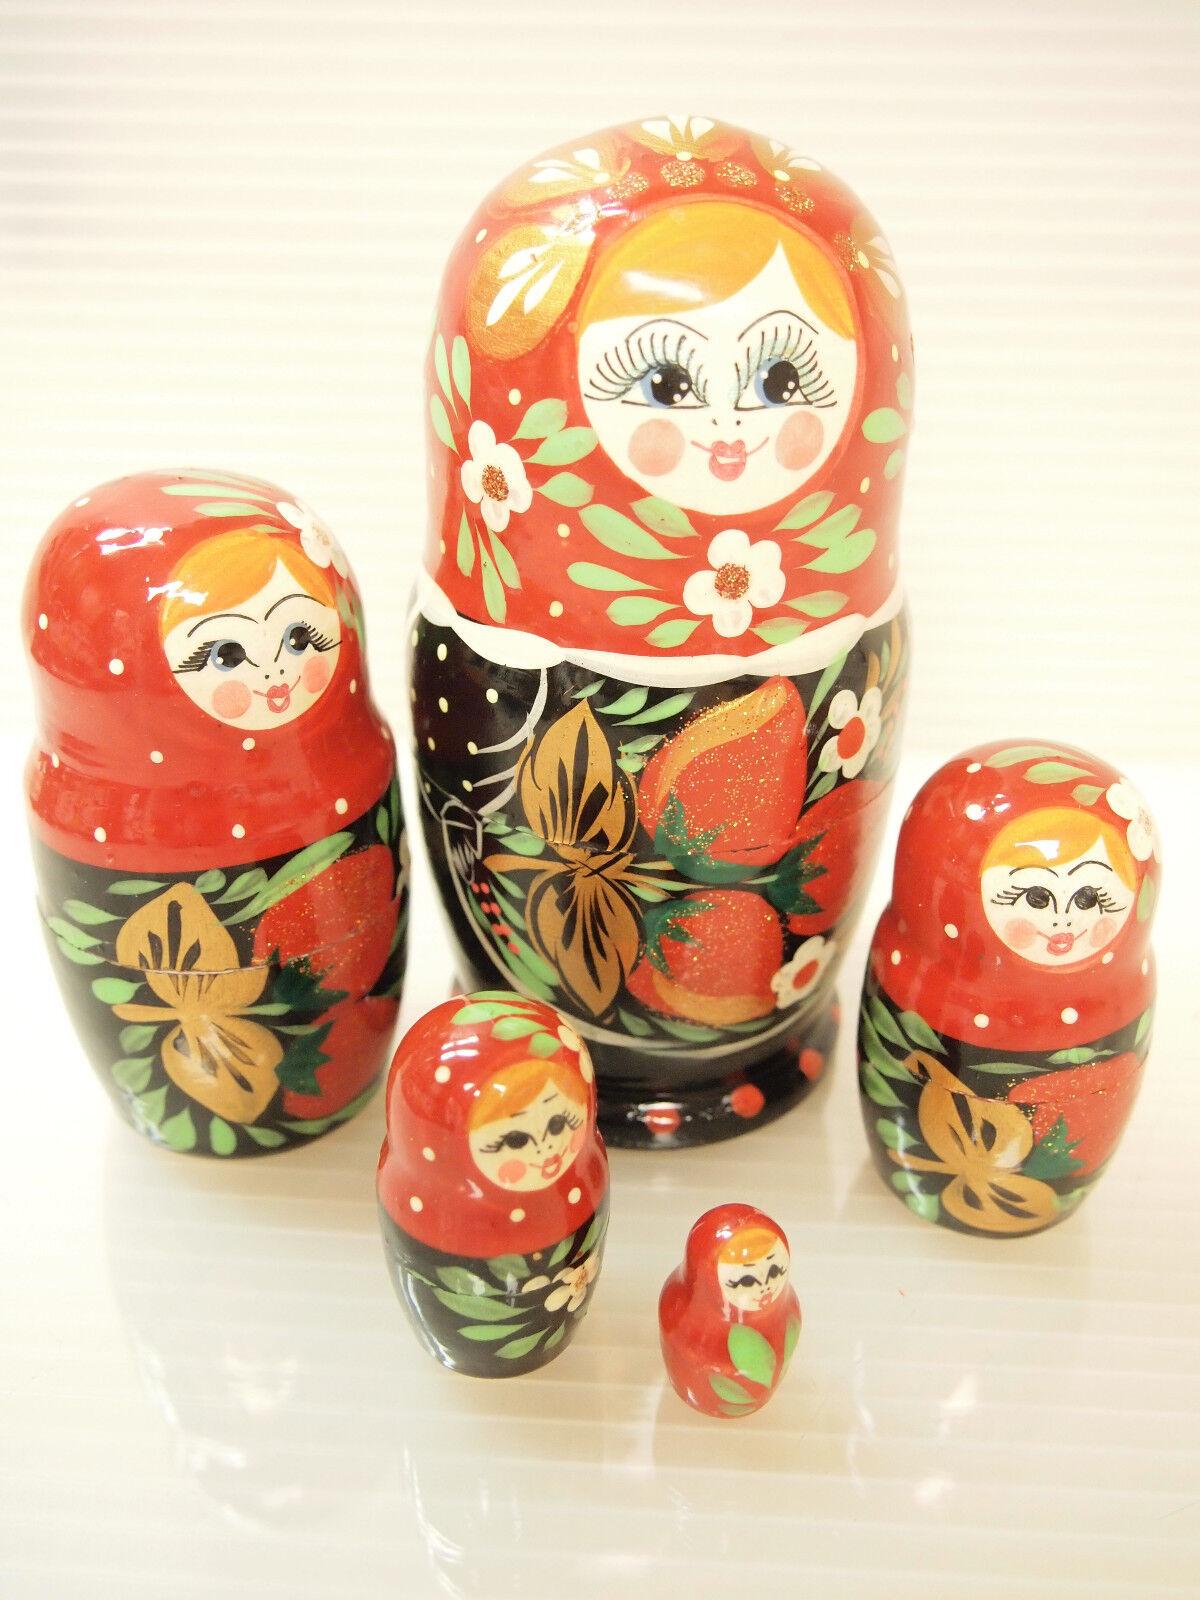 BEAUTIFUL RUSSIAN NESTING bambolaS MATRYOSHKA LACQUErosso  IN  KHOKHLOMA STYLE  clienti prima reputazione prima